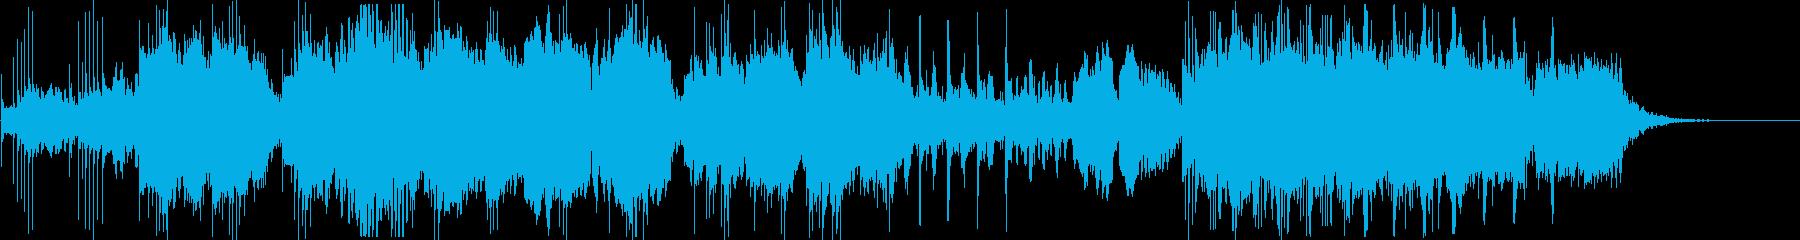 お正月!_宮城道雄の「春の海」・シンセ編の再生済みの波形